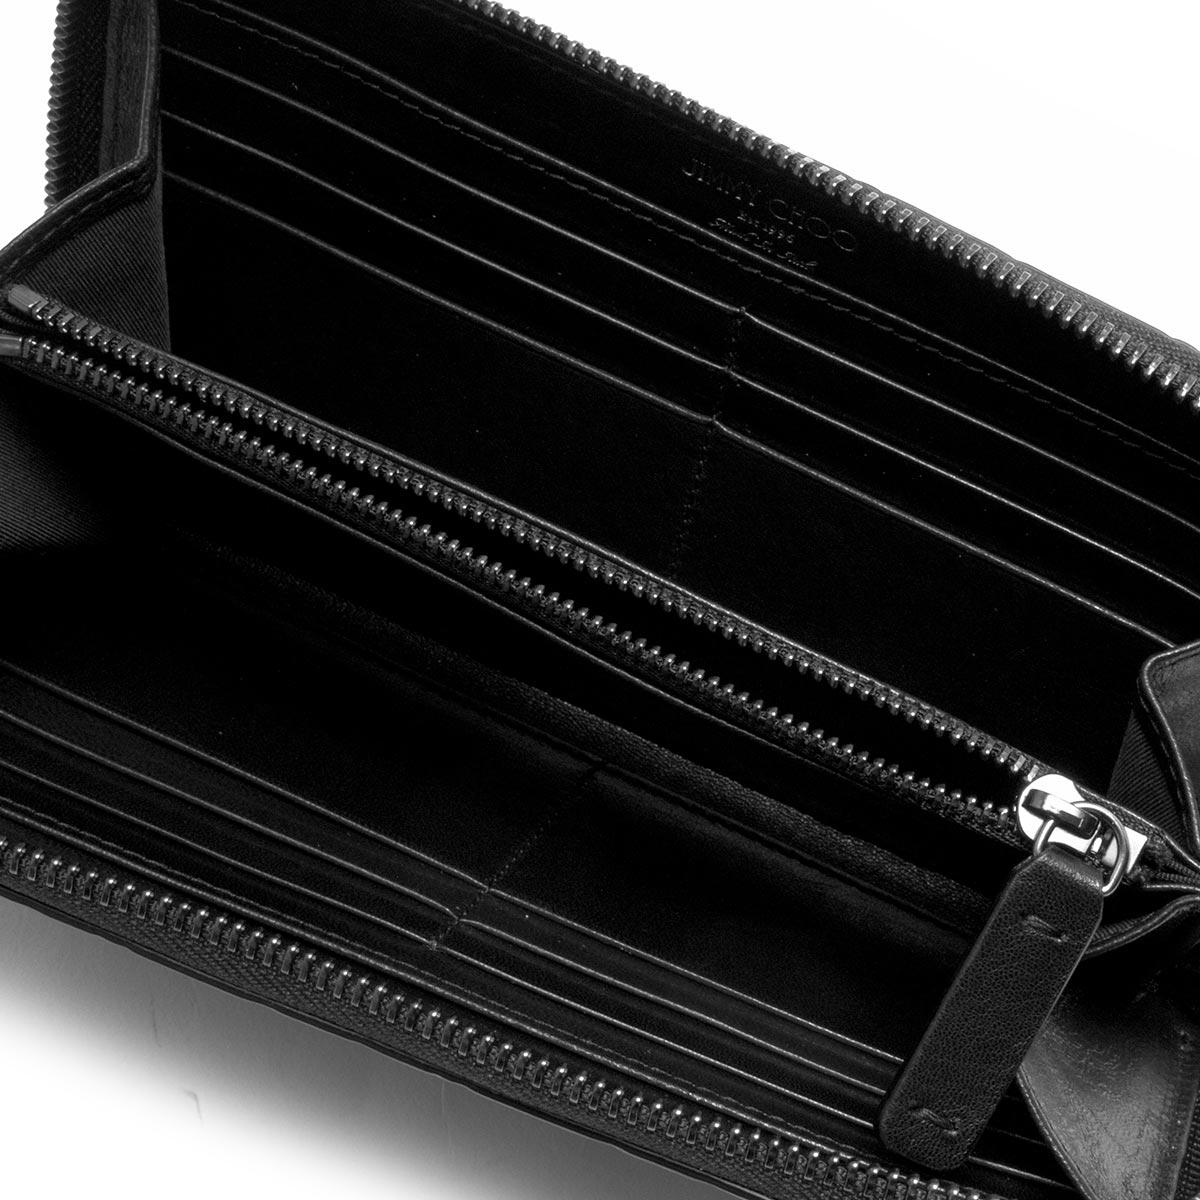 ジミーチュウ 長財布 財布 メンズ レディース カーナビー エンボスド スター ロゴ ブラック CARNABY EJL 183 BLACK JIMMY CHOO